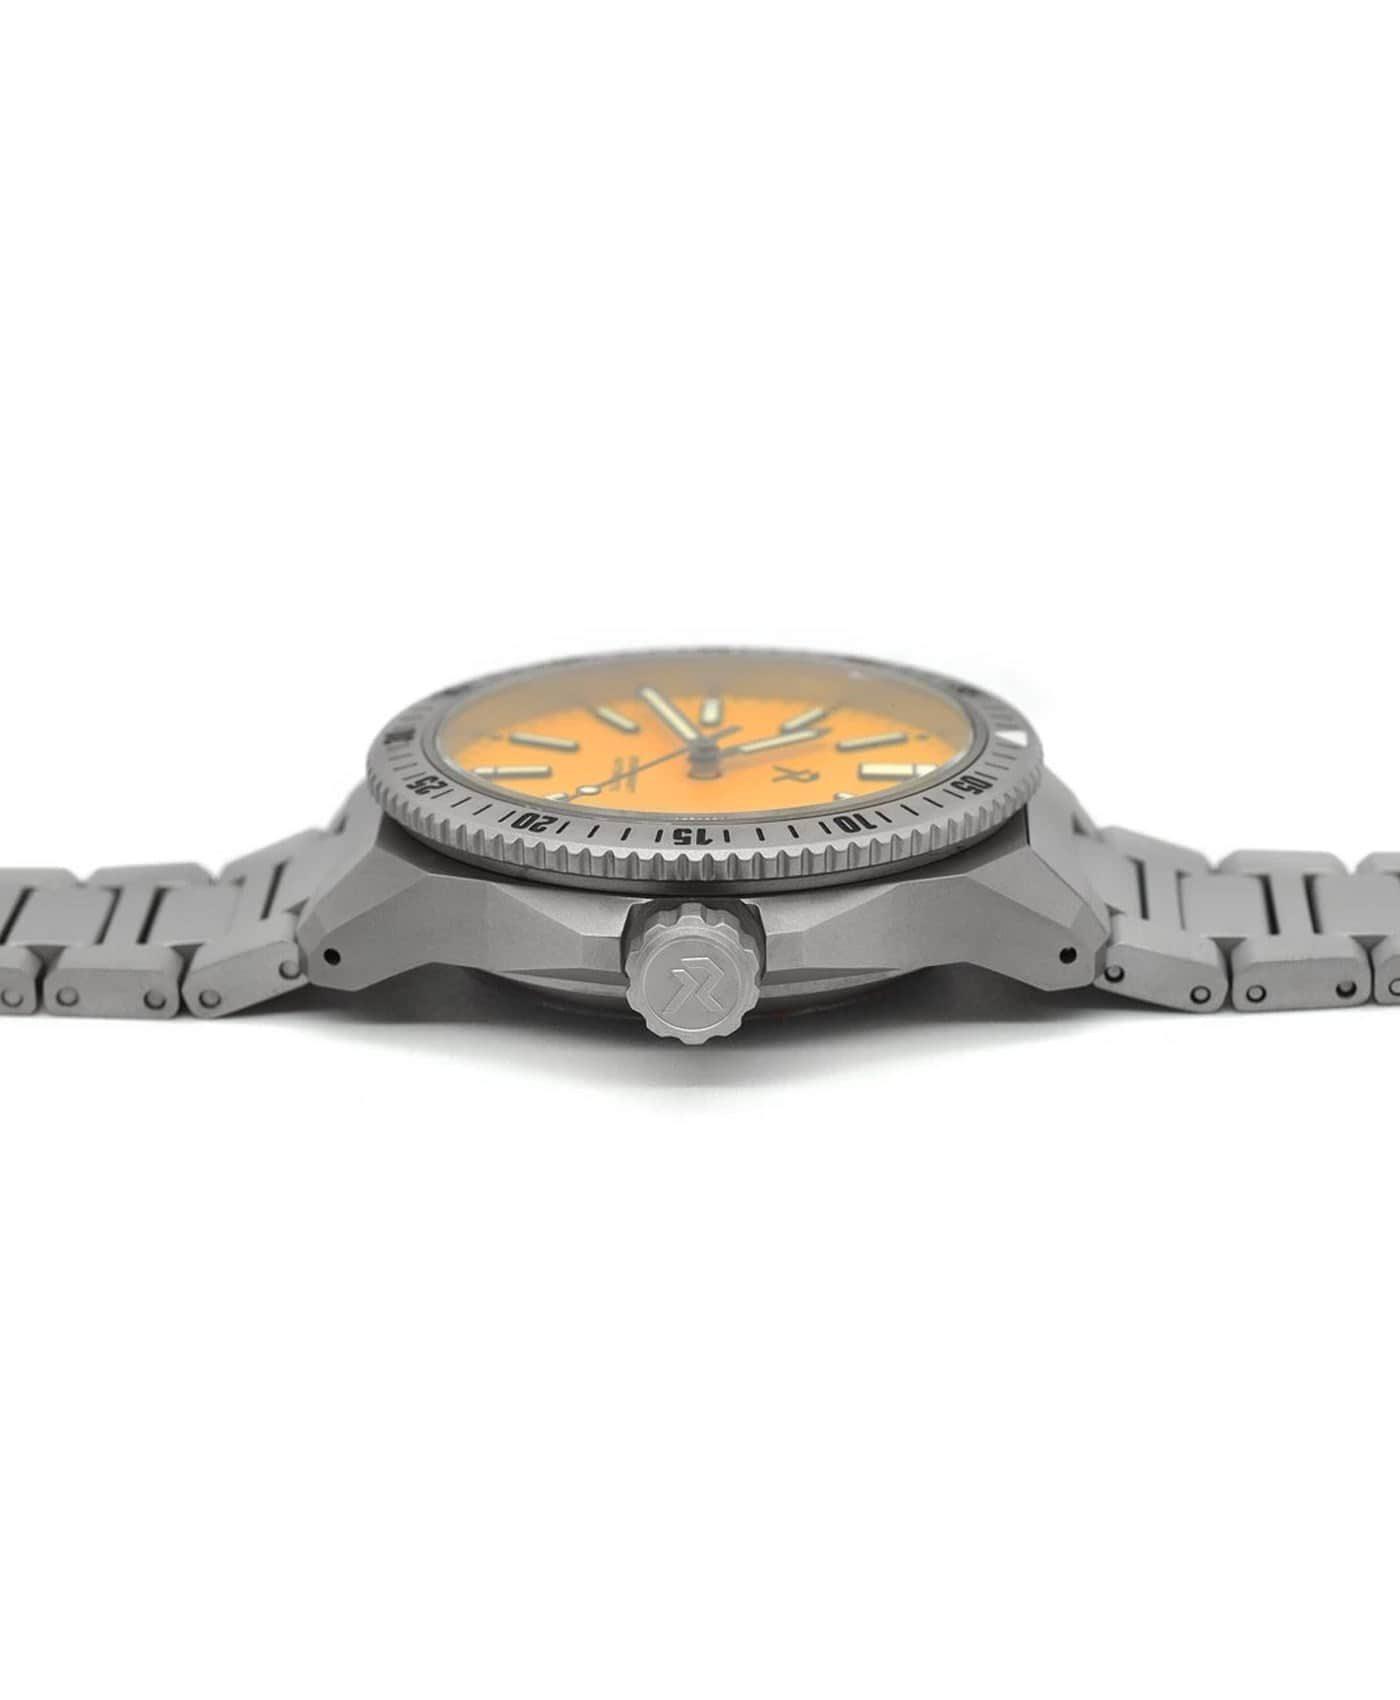 RZE - Endeavour - Medallion Yellow - crown guards